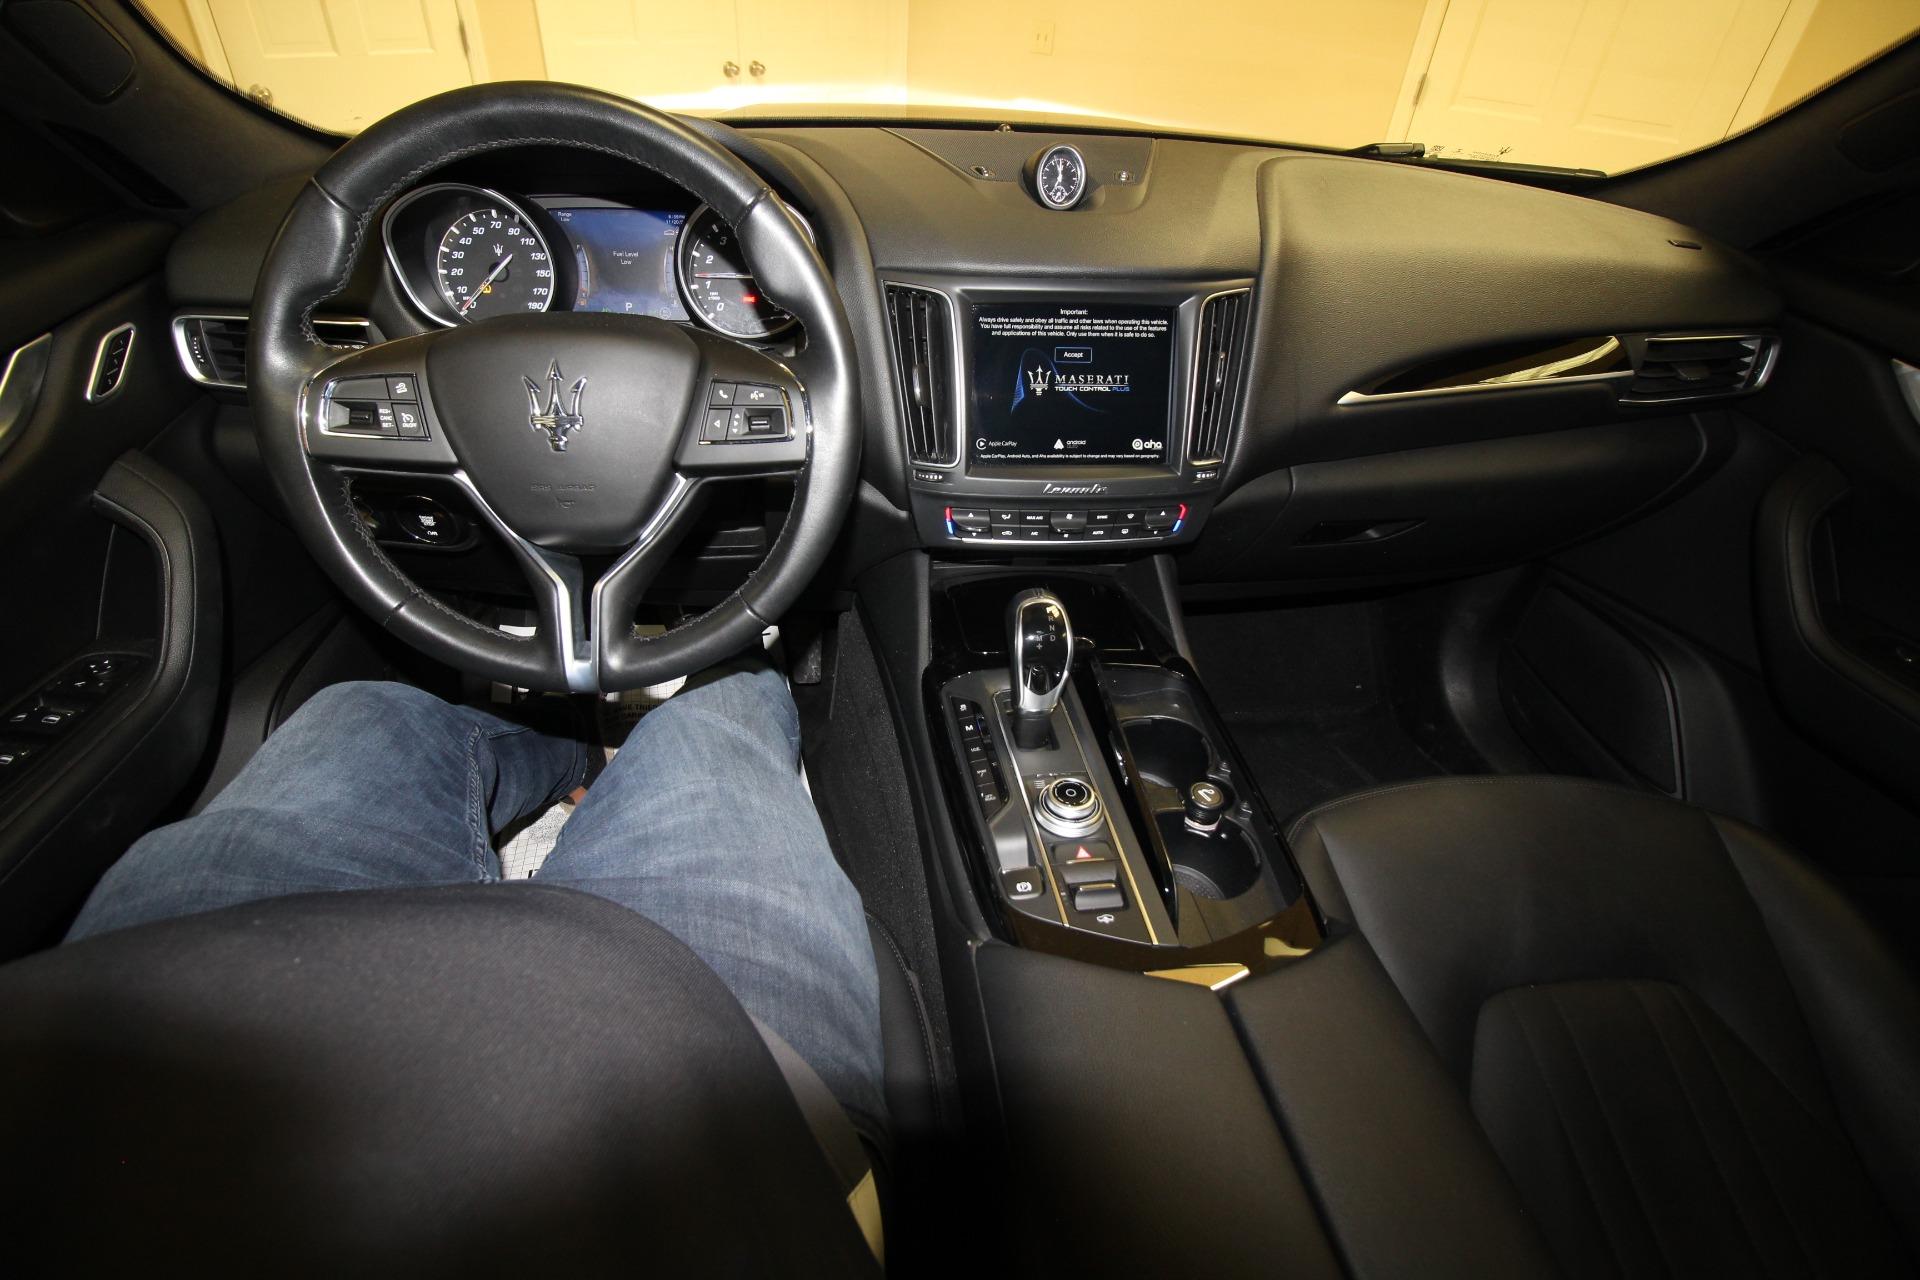 Used 2018 Maserati Levante LOCAL CAR VERY CLEAN | Albany, NY